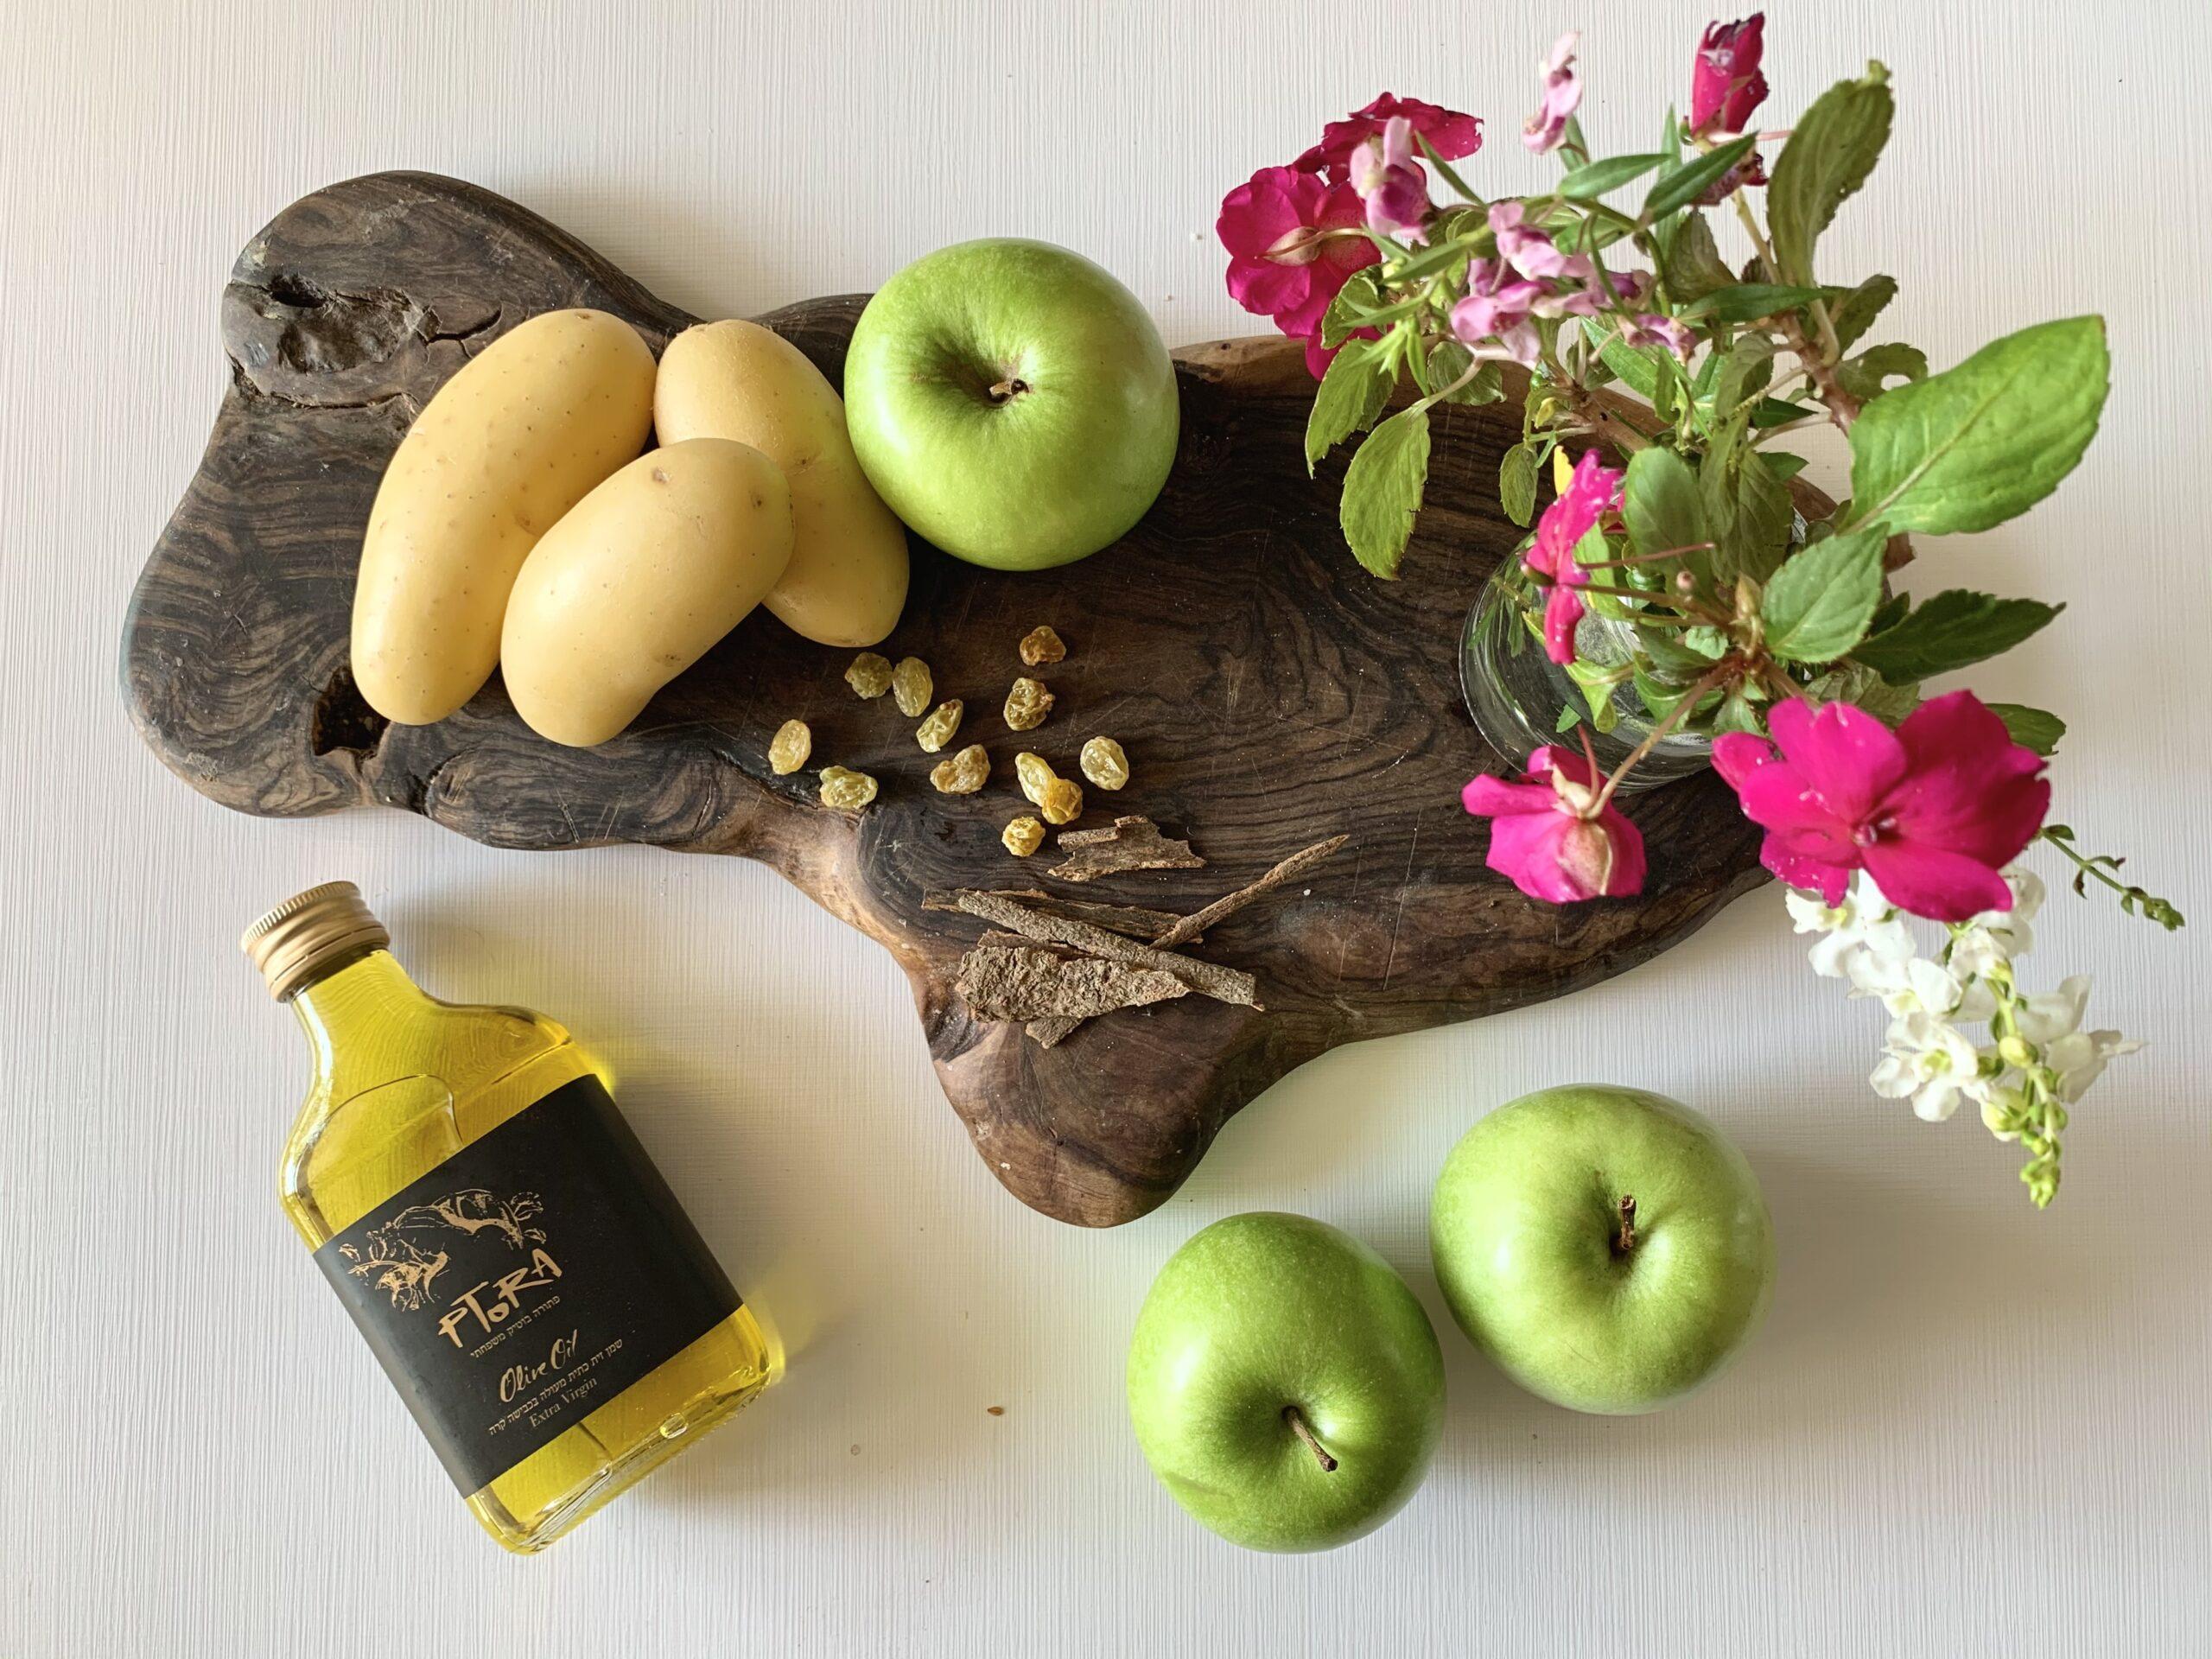 לביבות תפוחי עץ וקינמון בשמן זית